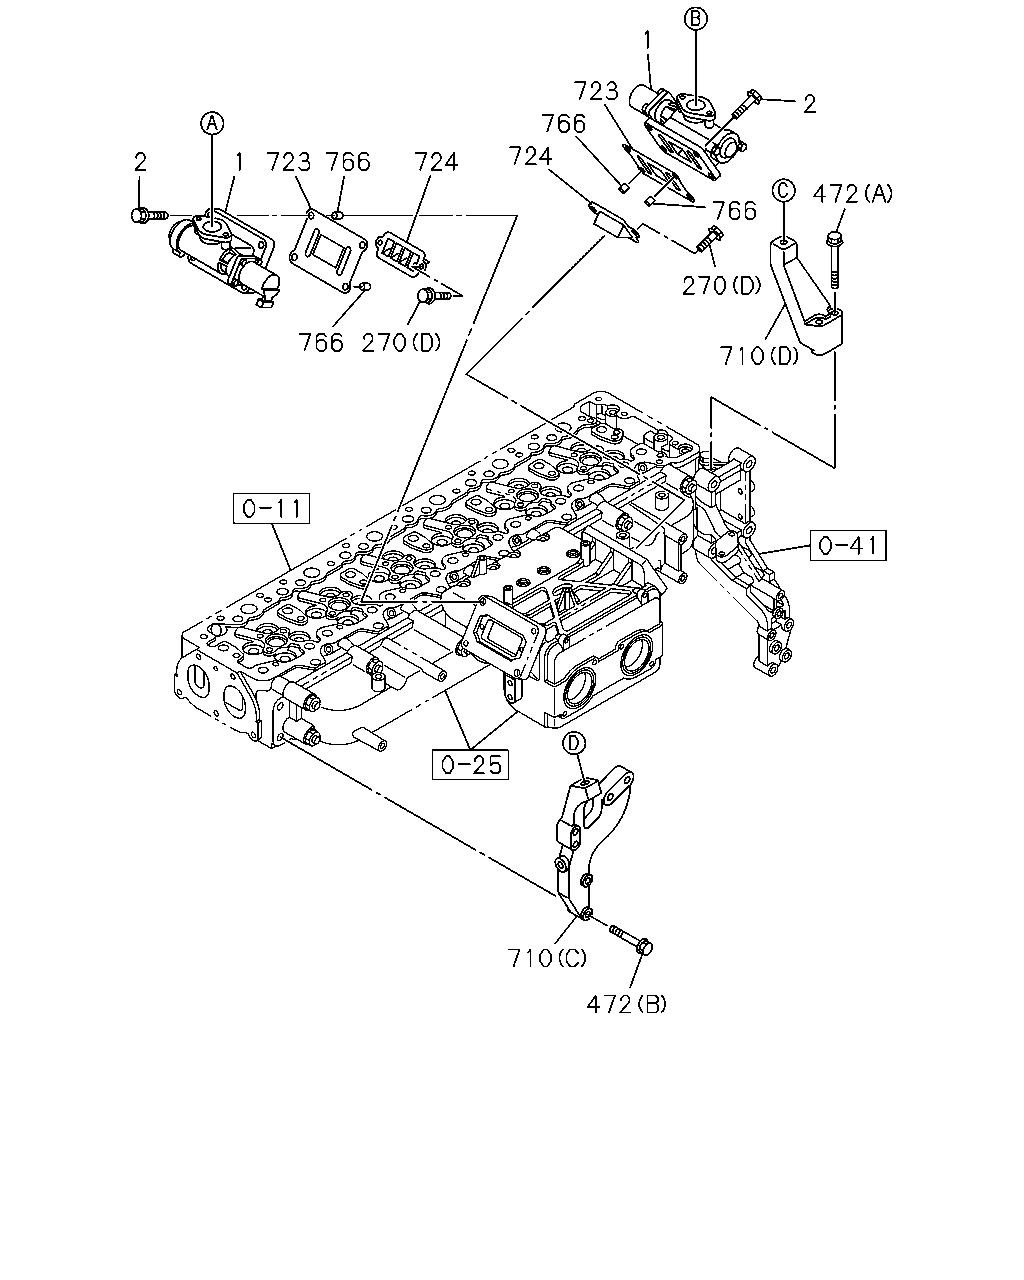 Isuzu Fsr Wiring Diagram